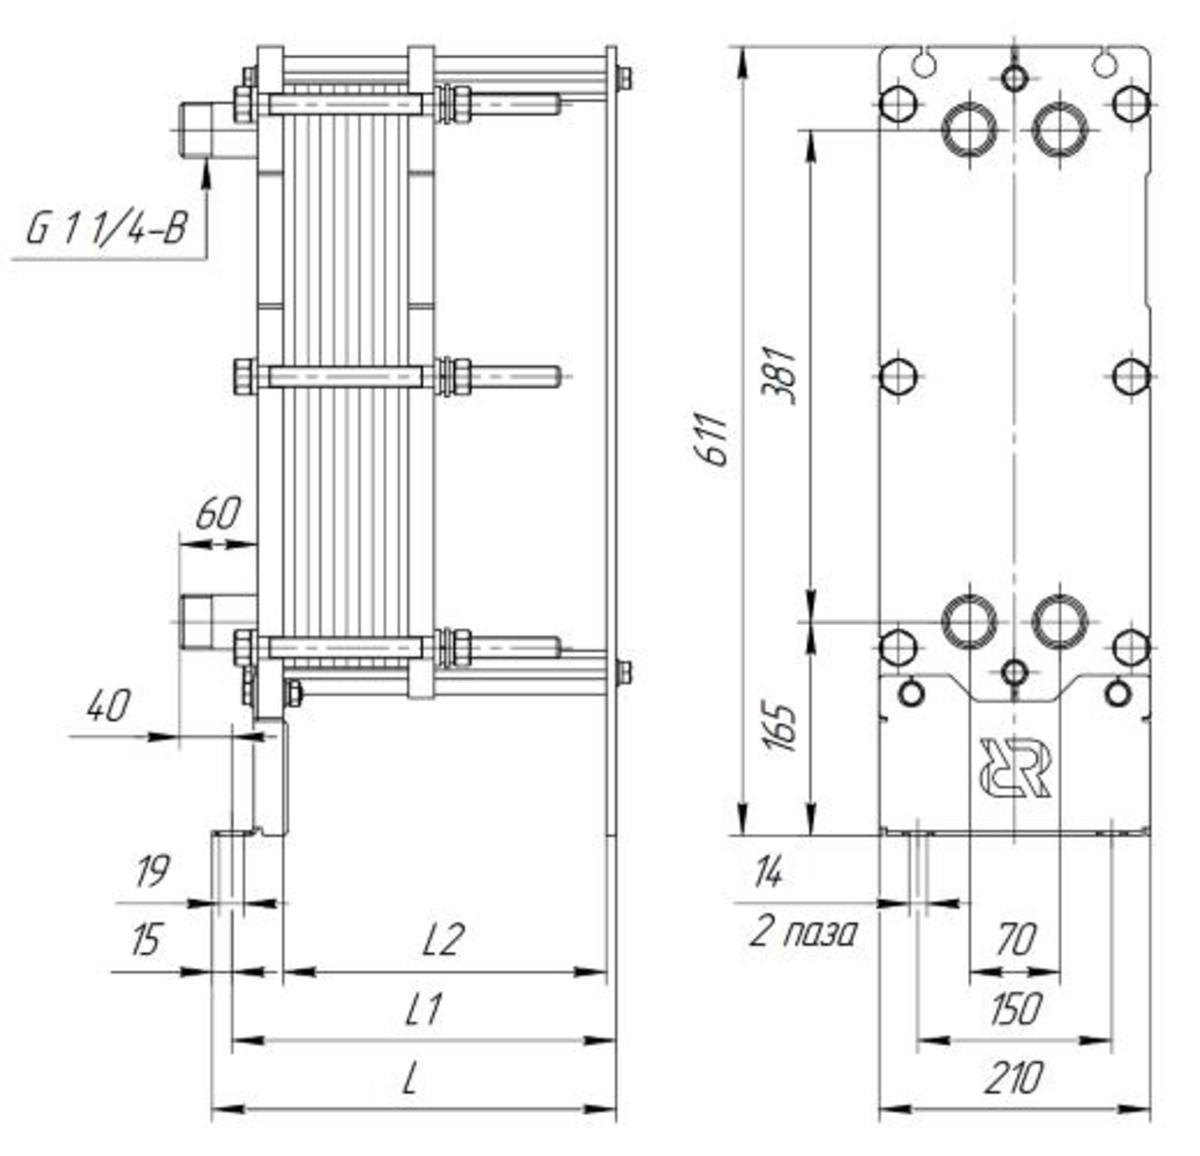 Теплообменник нн 22 цена Пластины теплообменника Tranter GX-205 N Якутск